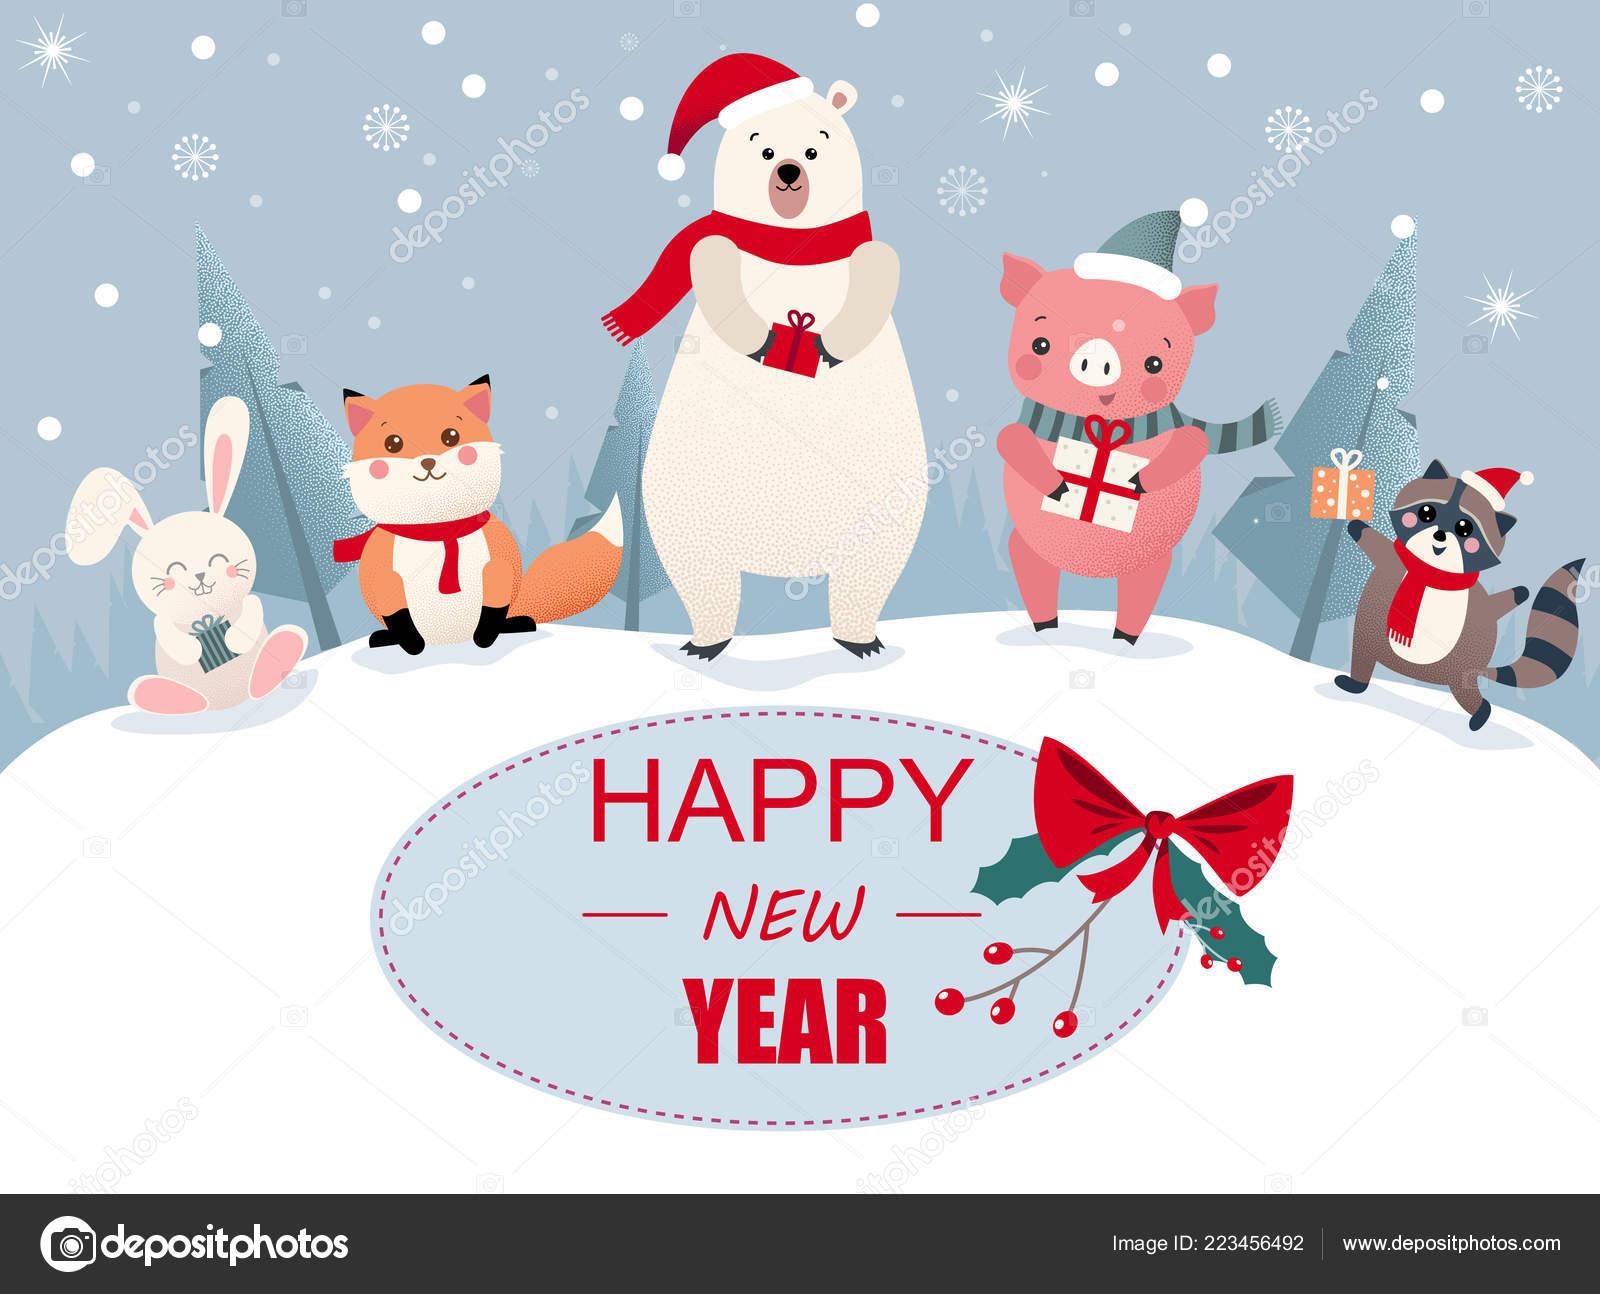 Stastny Novy Rok Blahoprani S Roztomile Kreslene Zvirata A Prase